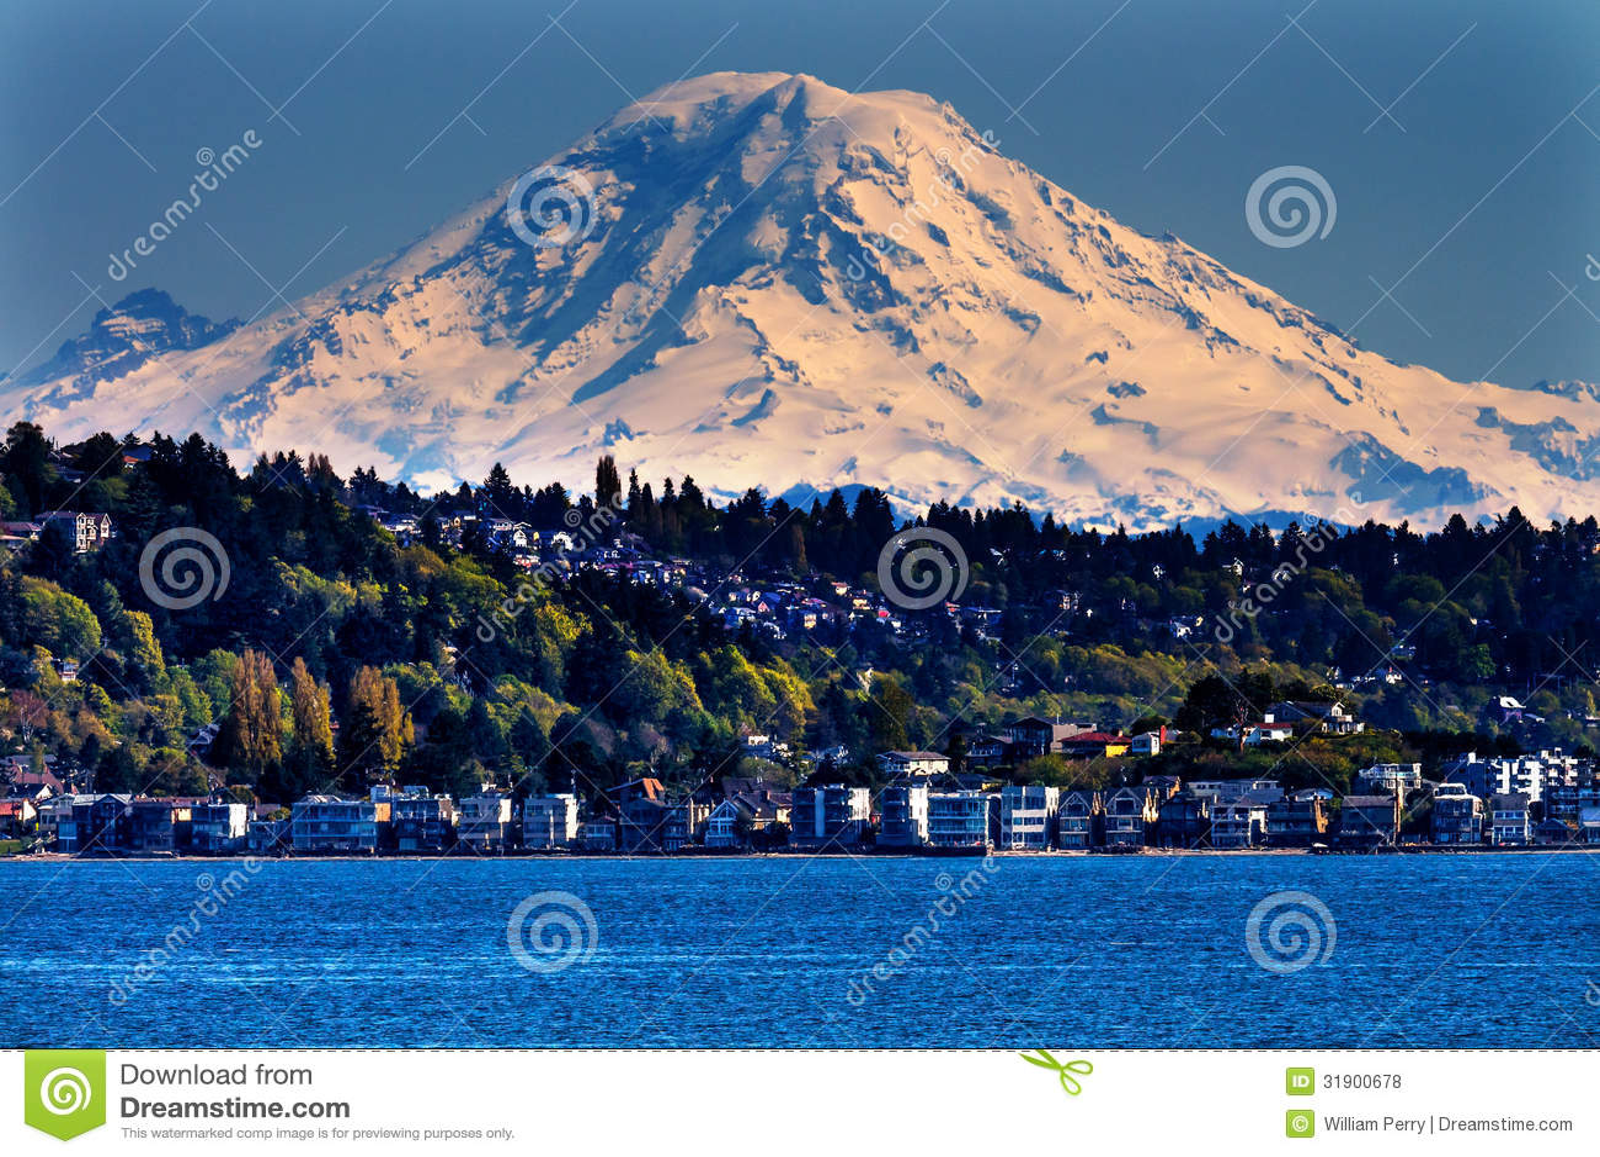 Mount Rainier Puget Sound North Seattle Washington